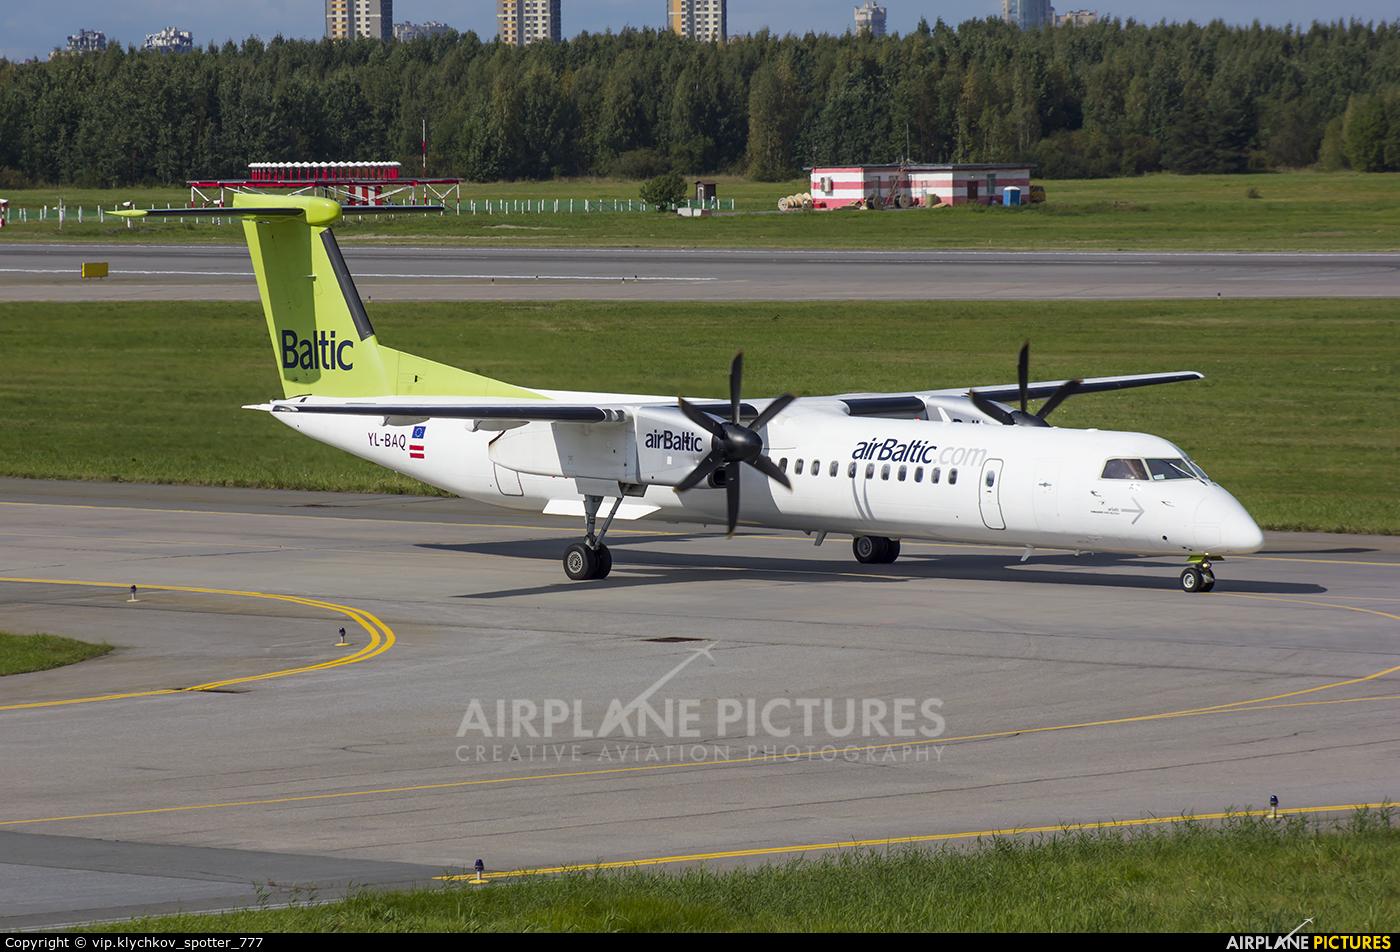 Air Baltic YL-BAQ aircraft at St. Petersburg - Pulkovo